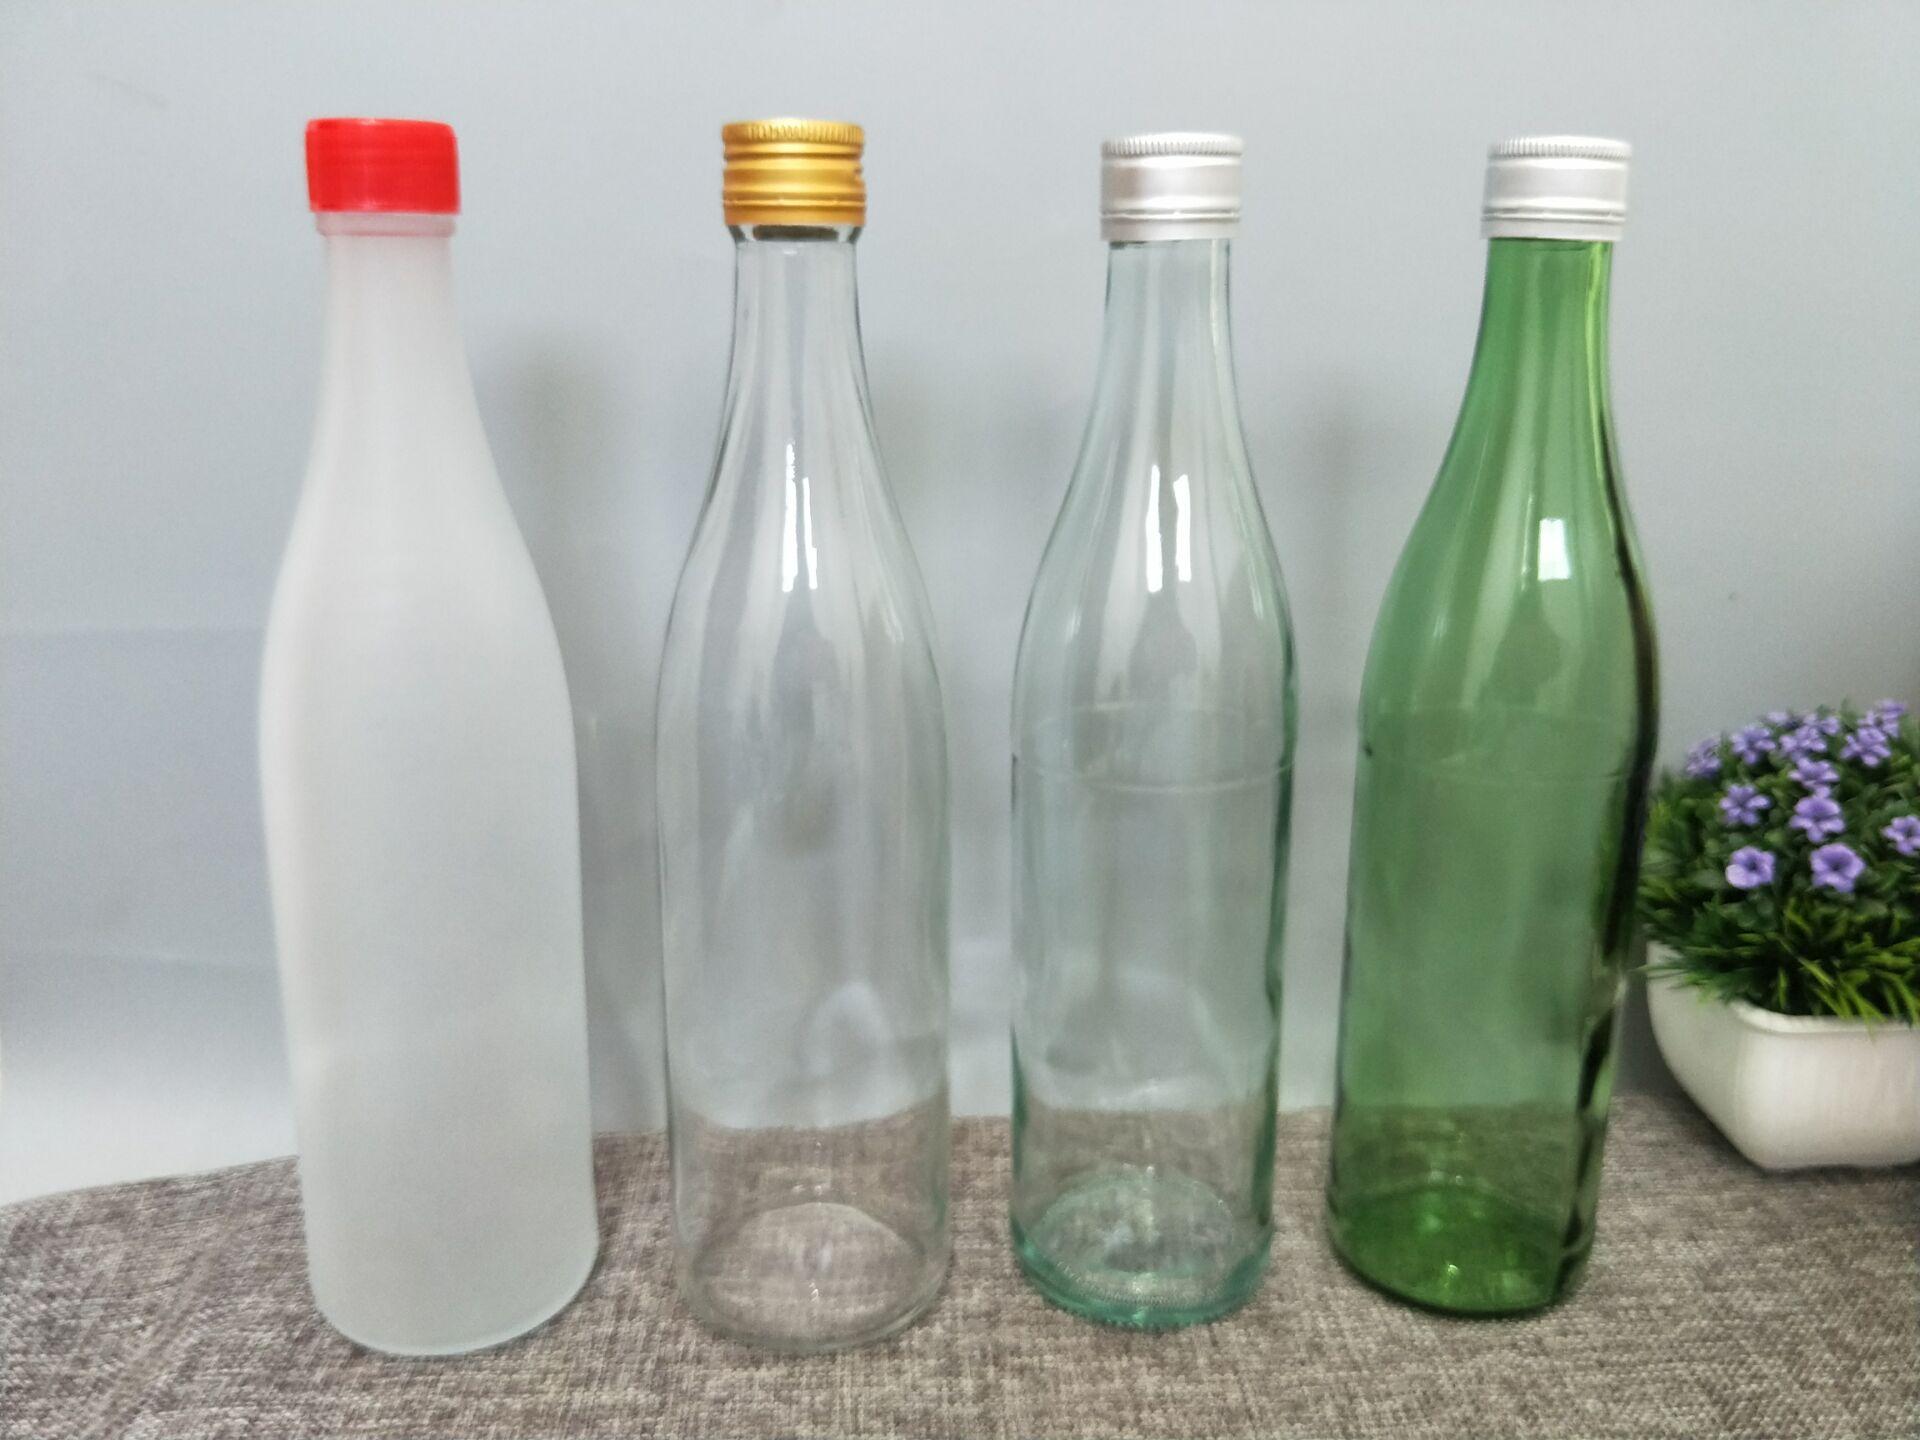 一斤透明酒瓶玻璃瓶500ml二锅头白酒牛栏山v酒瓶瓶设备空瓶鸡舍瓶圆形白酒保温图片